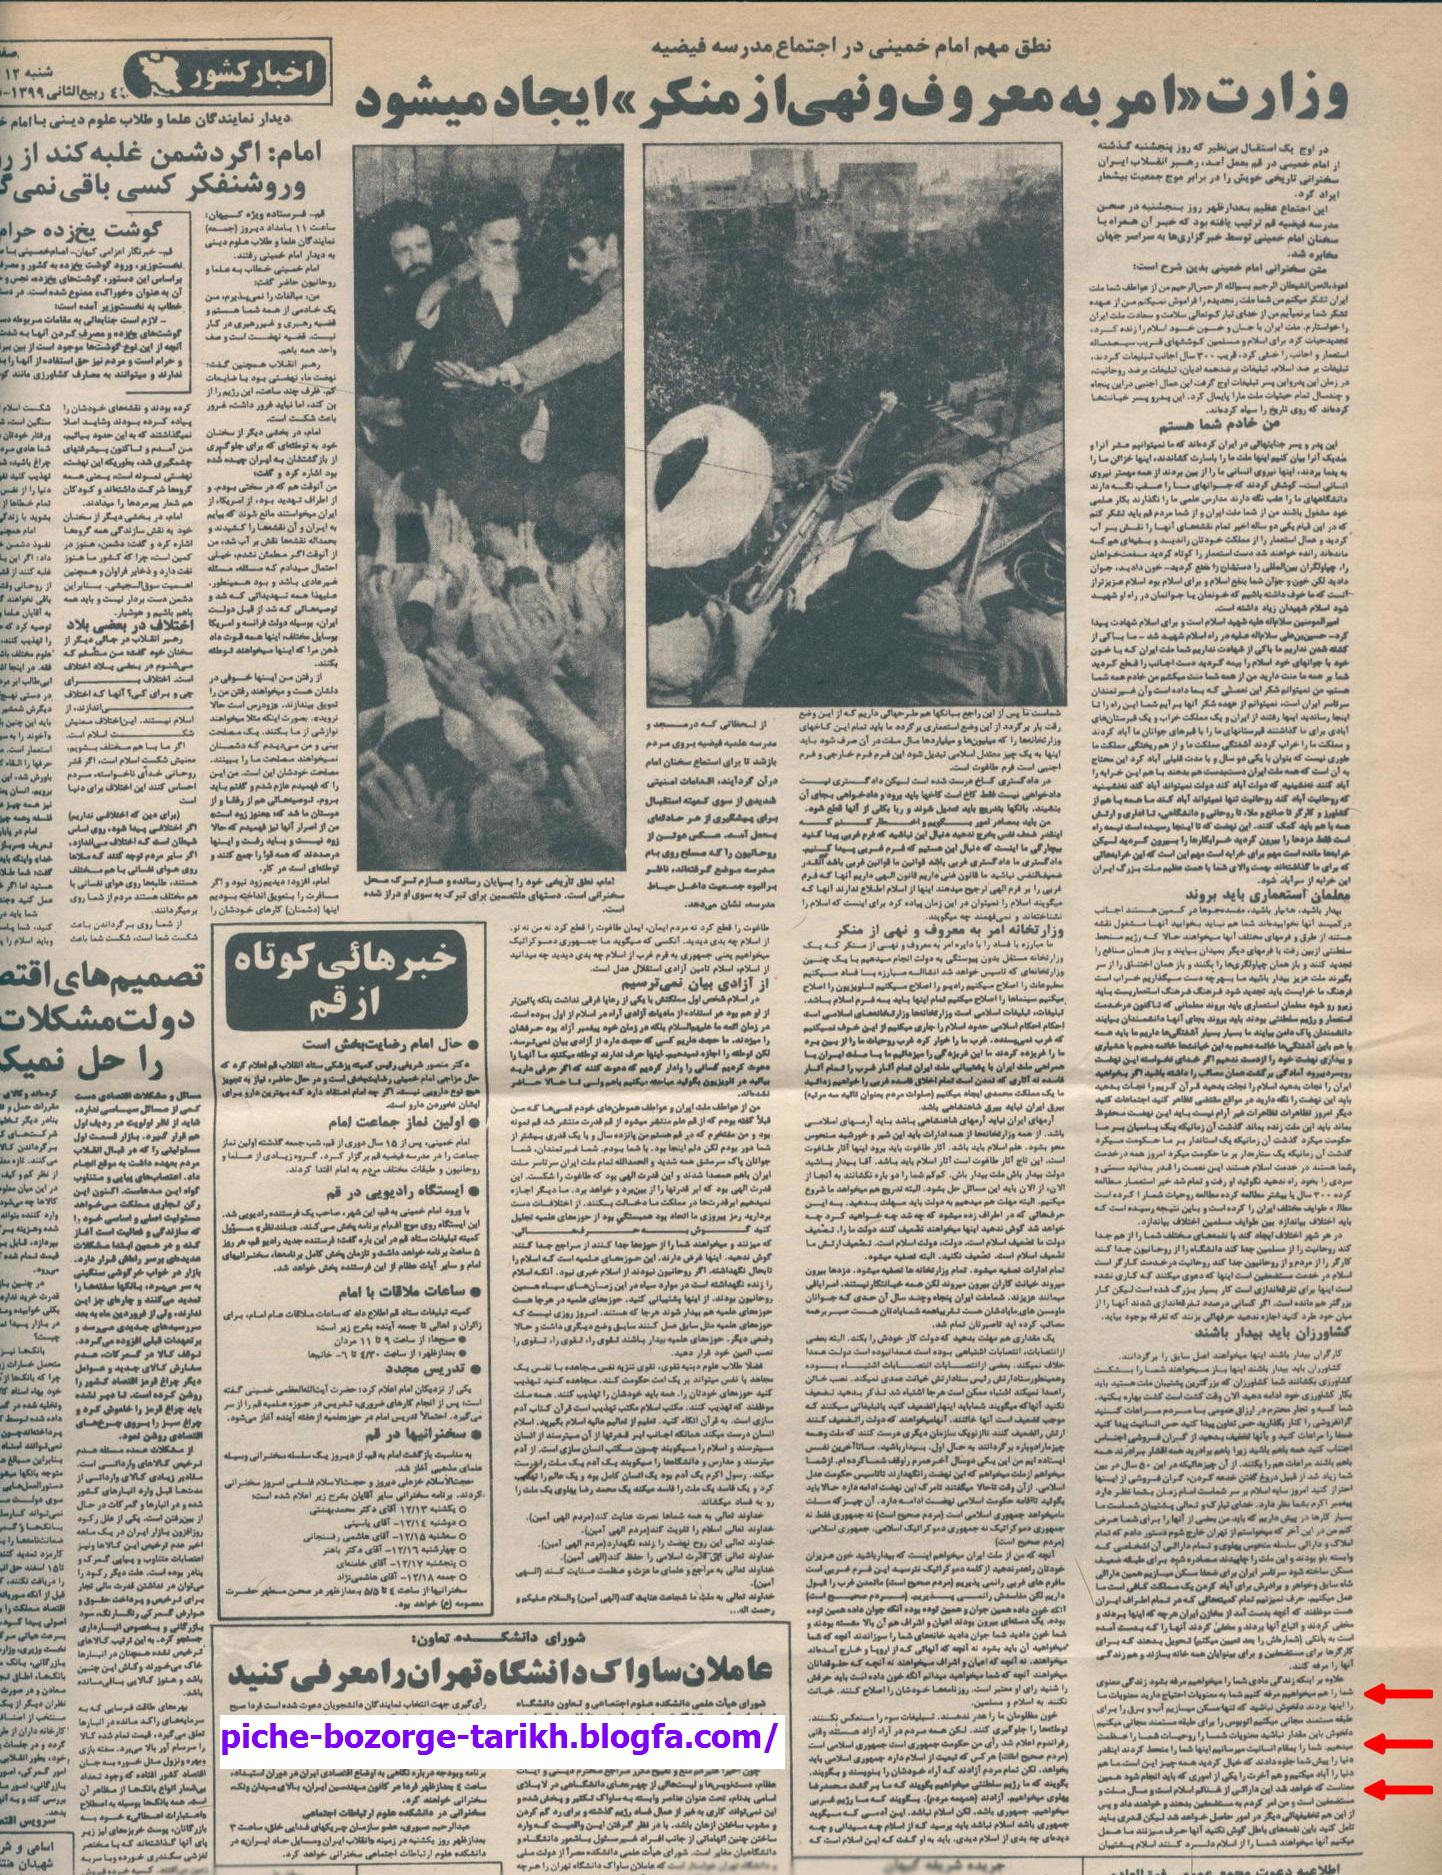 روزنامه تاریه 12 اسفند که سخنرانی امام در مدرسه فیضیه قم را چاپ کرده است